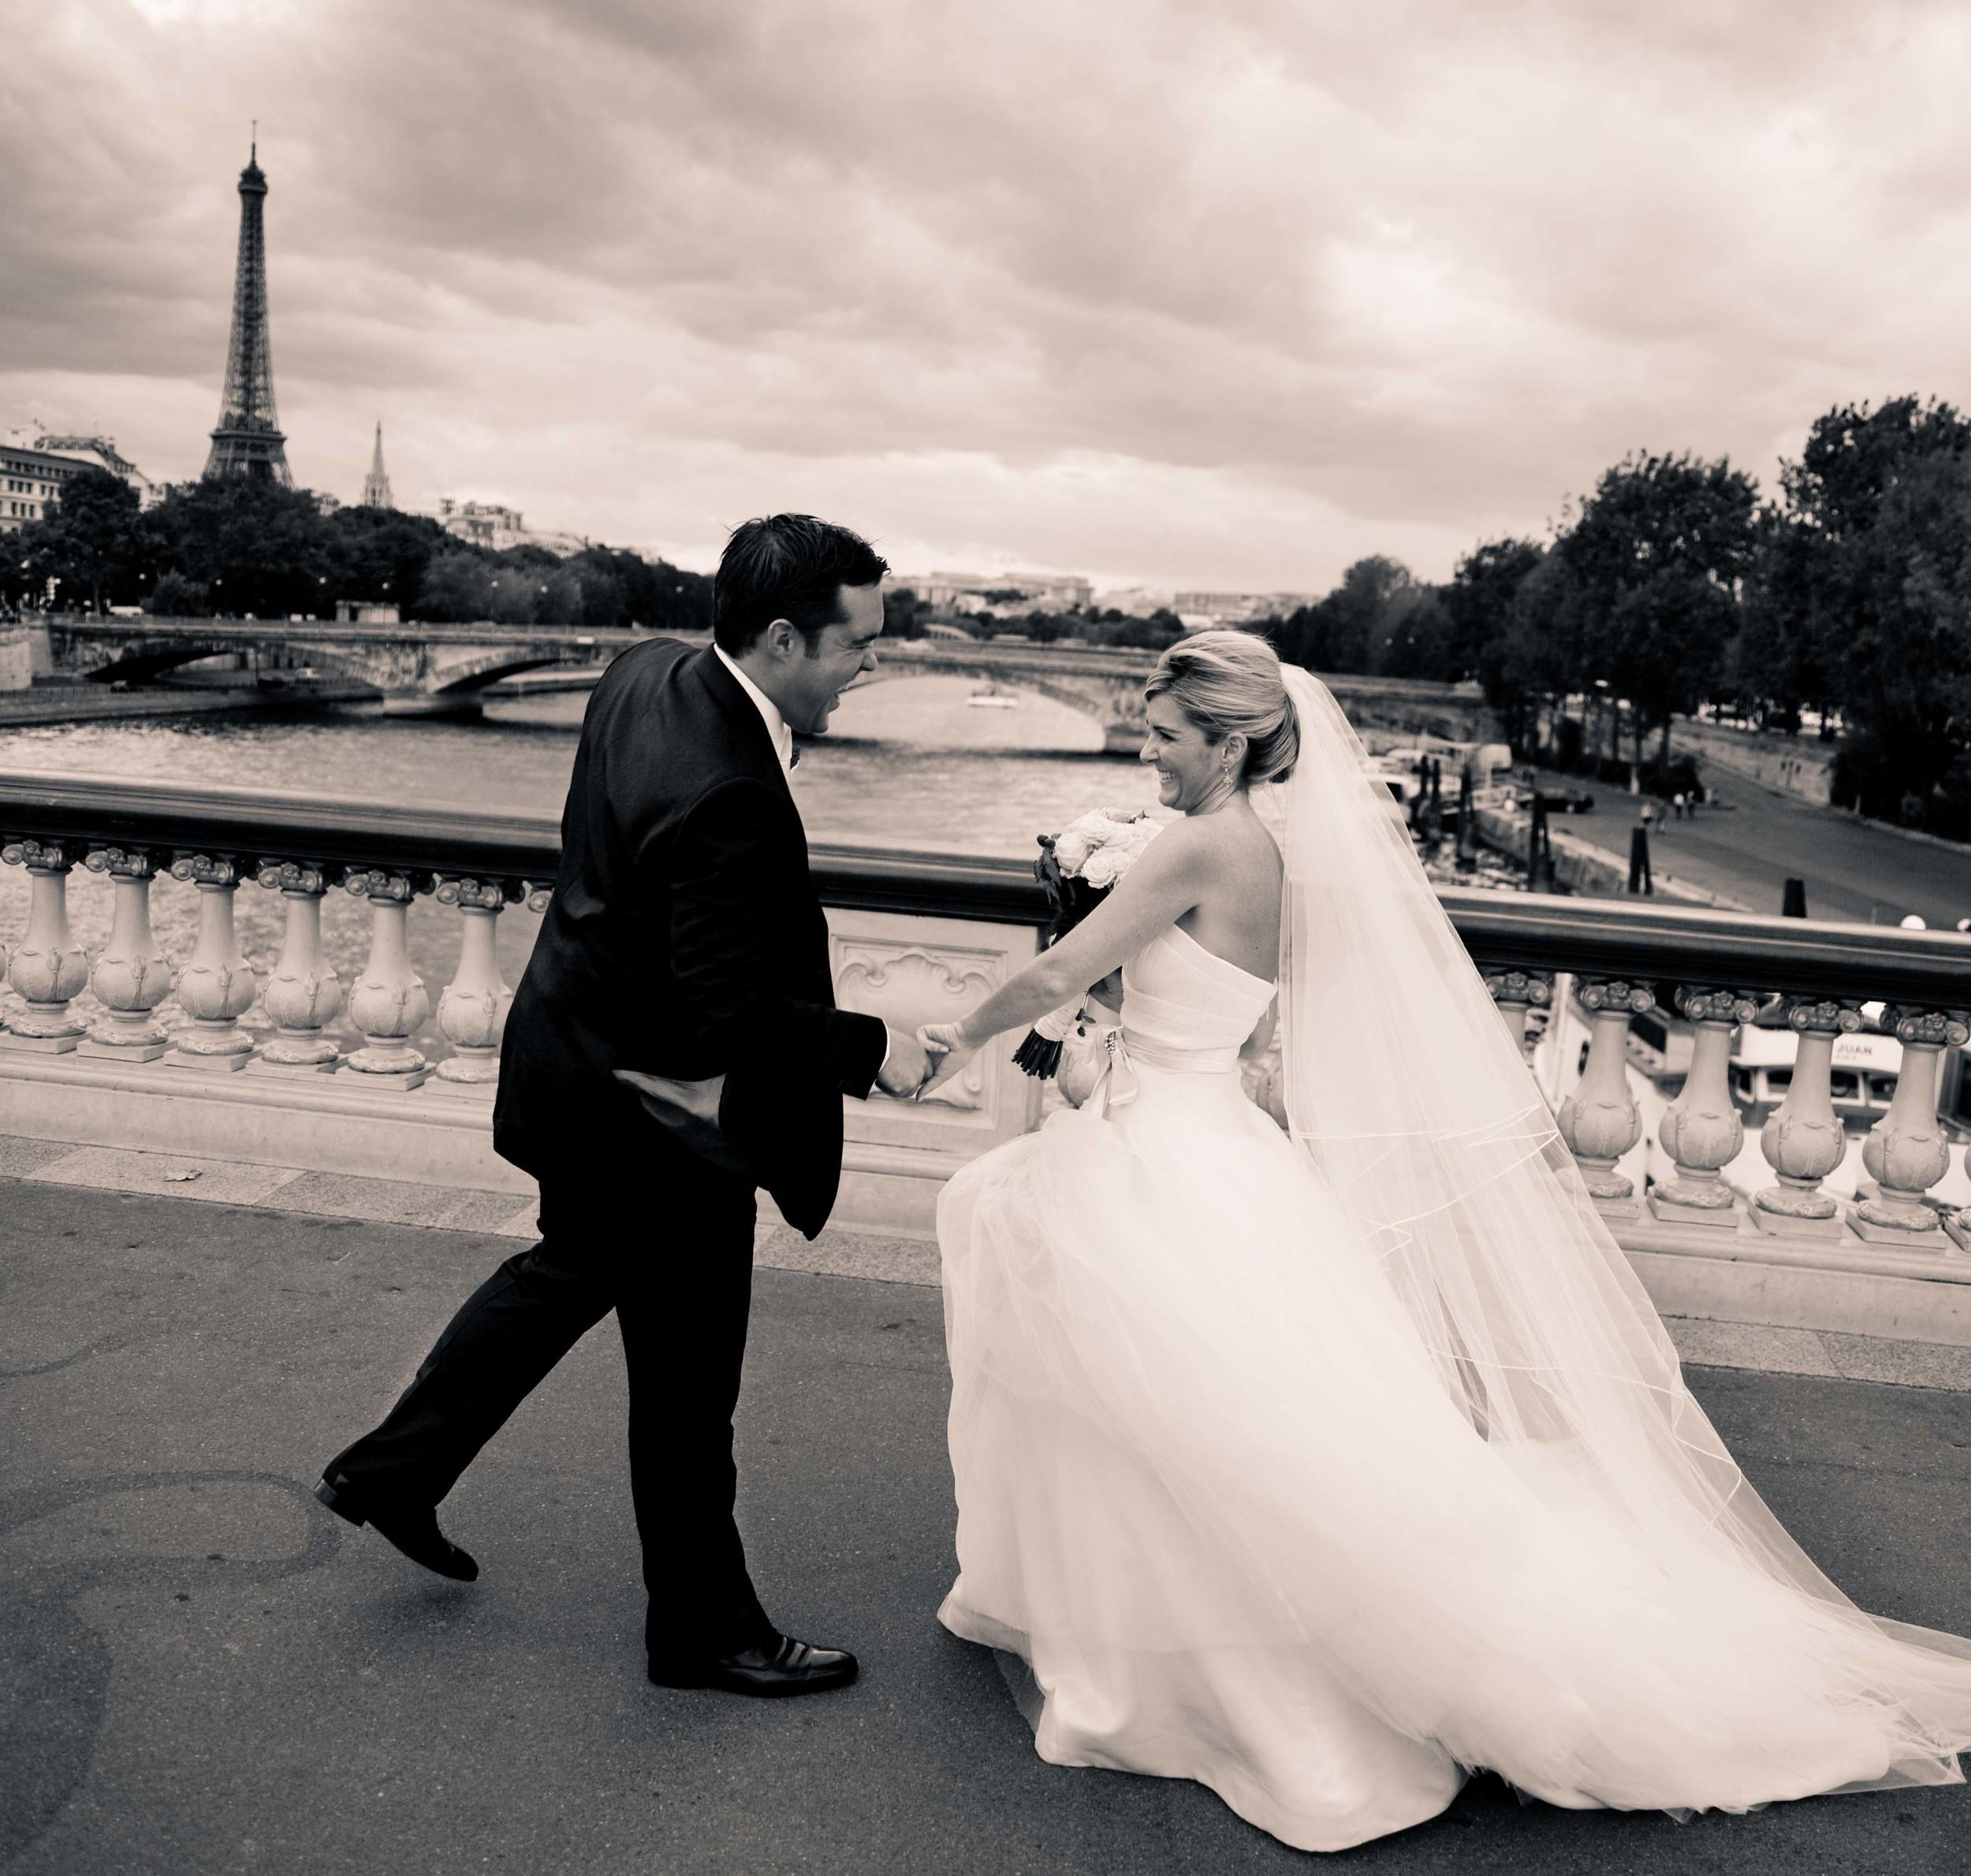 Paul & Suzanne, Paris